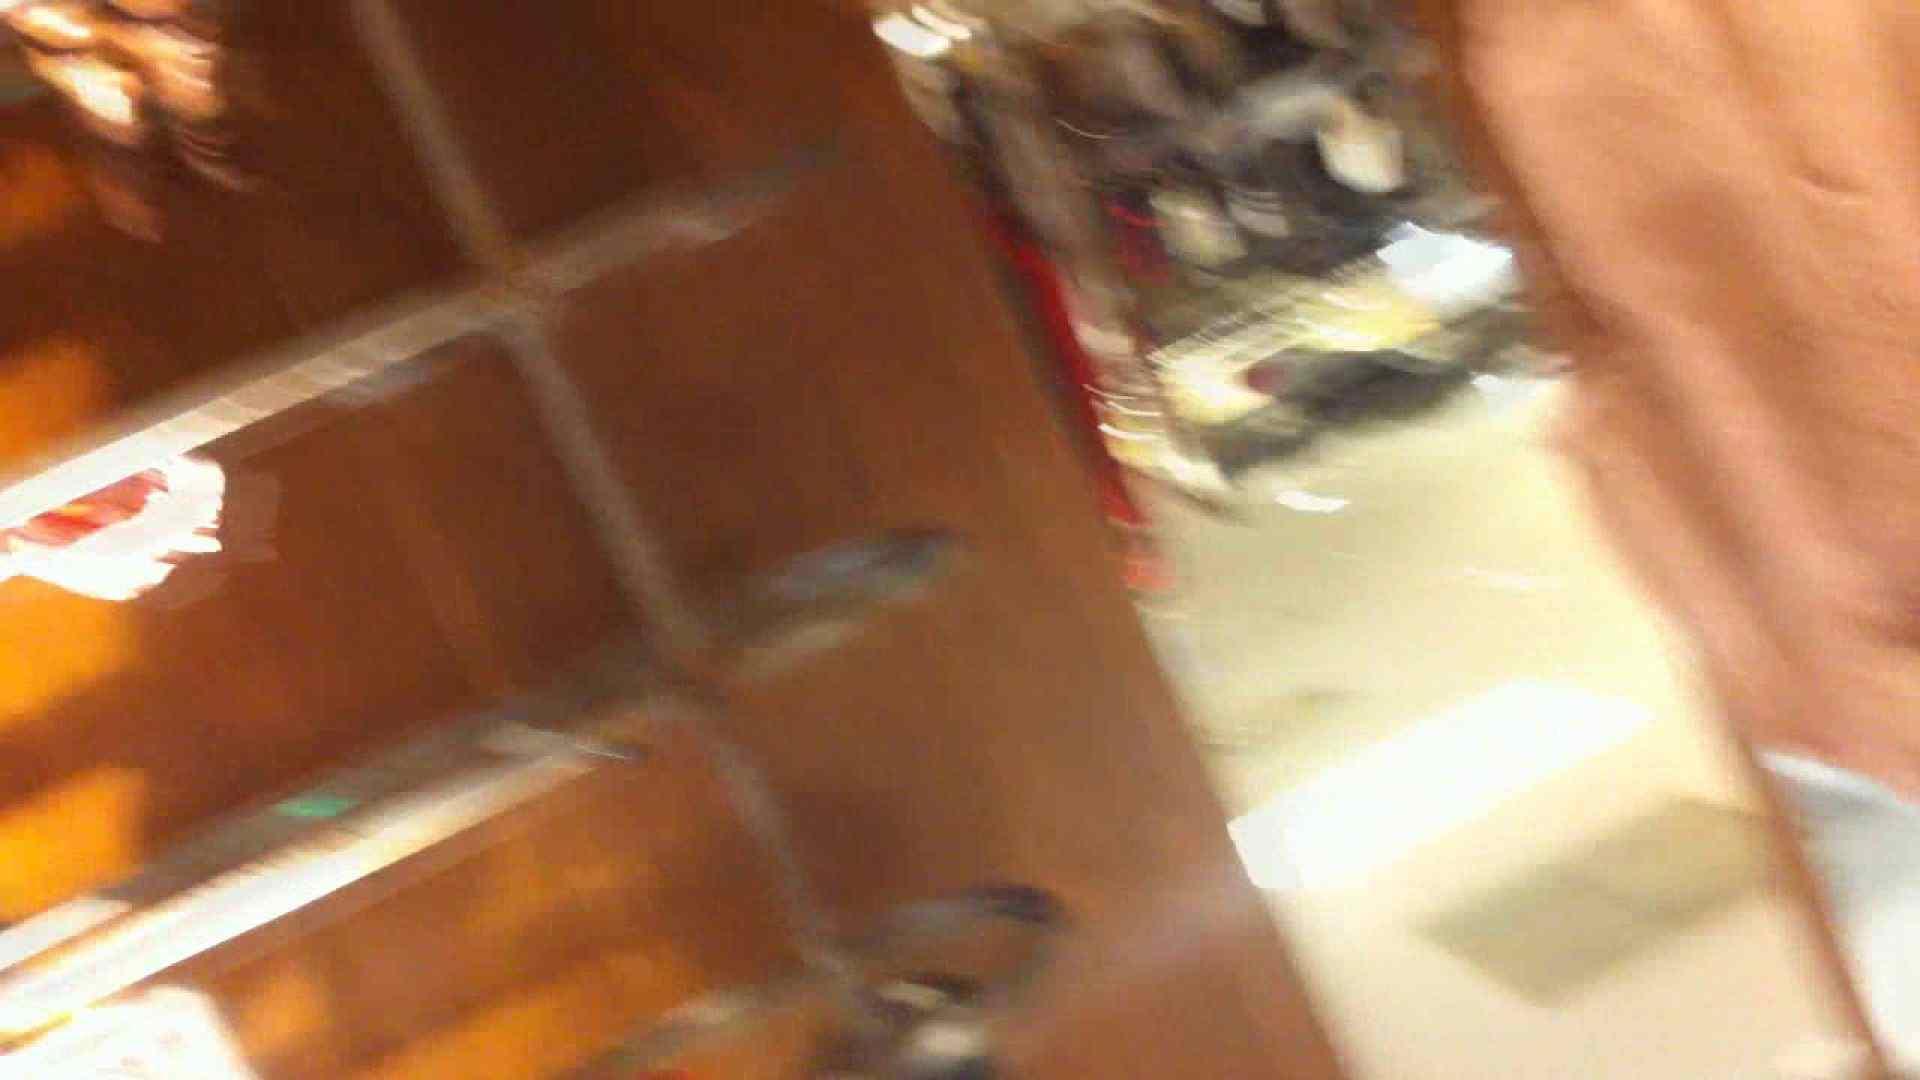 フルHD ショップ店員千人斬り! 大画面ノーカット完全版 vol.59 OLエロ画像 覗きオメコ動画キャプチャ 27PICs 17